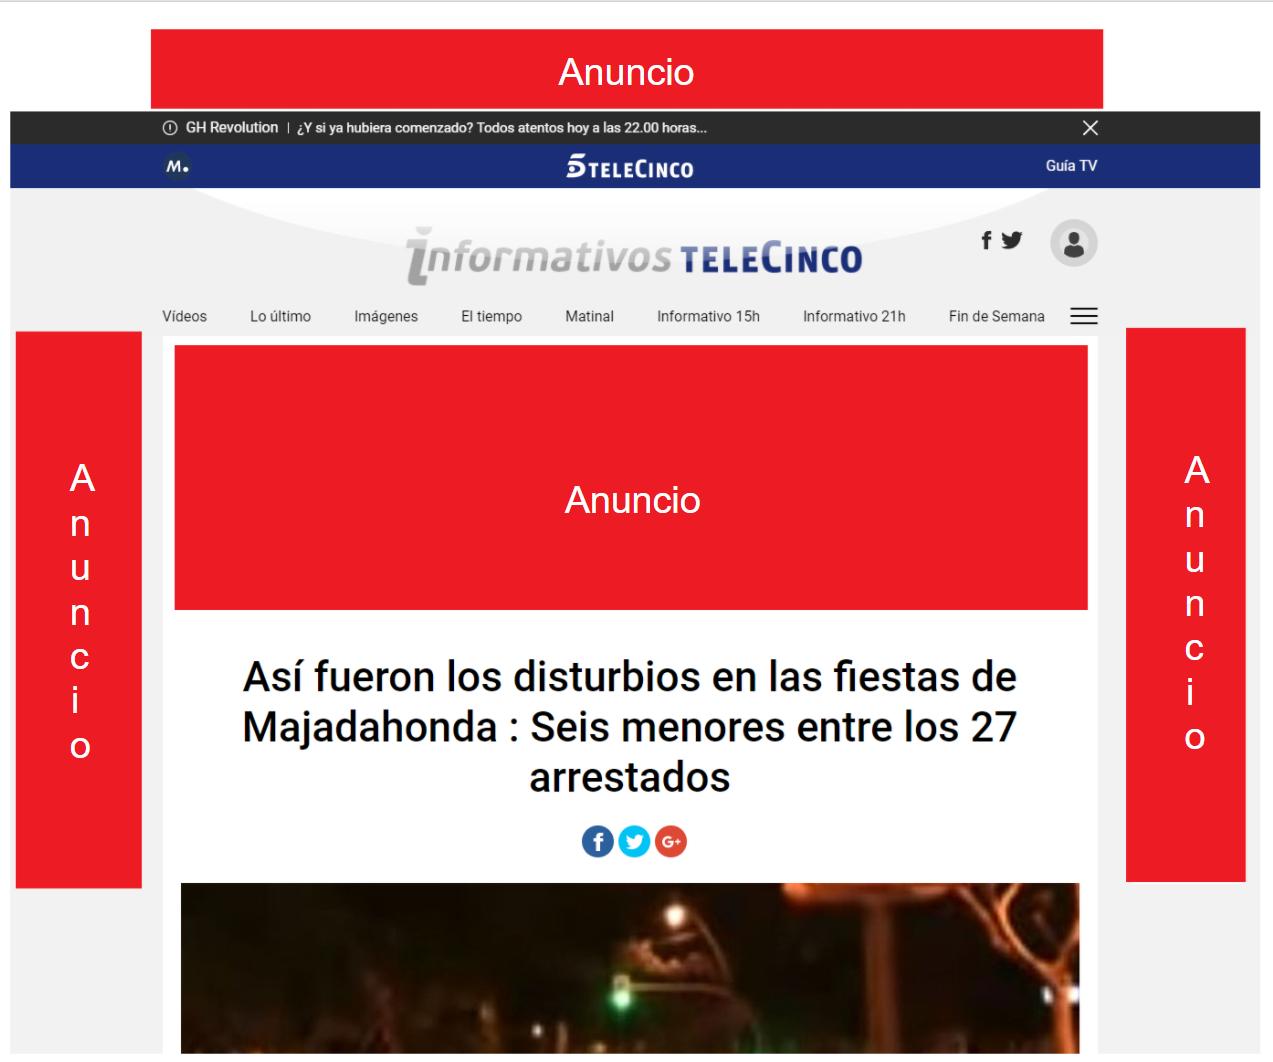 Anuncios de Telecinco.es